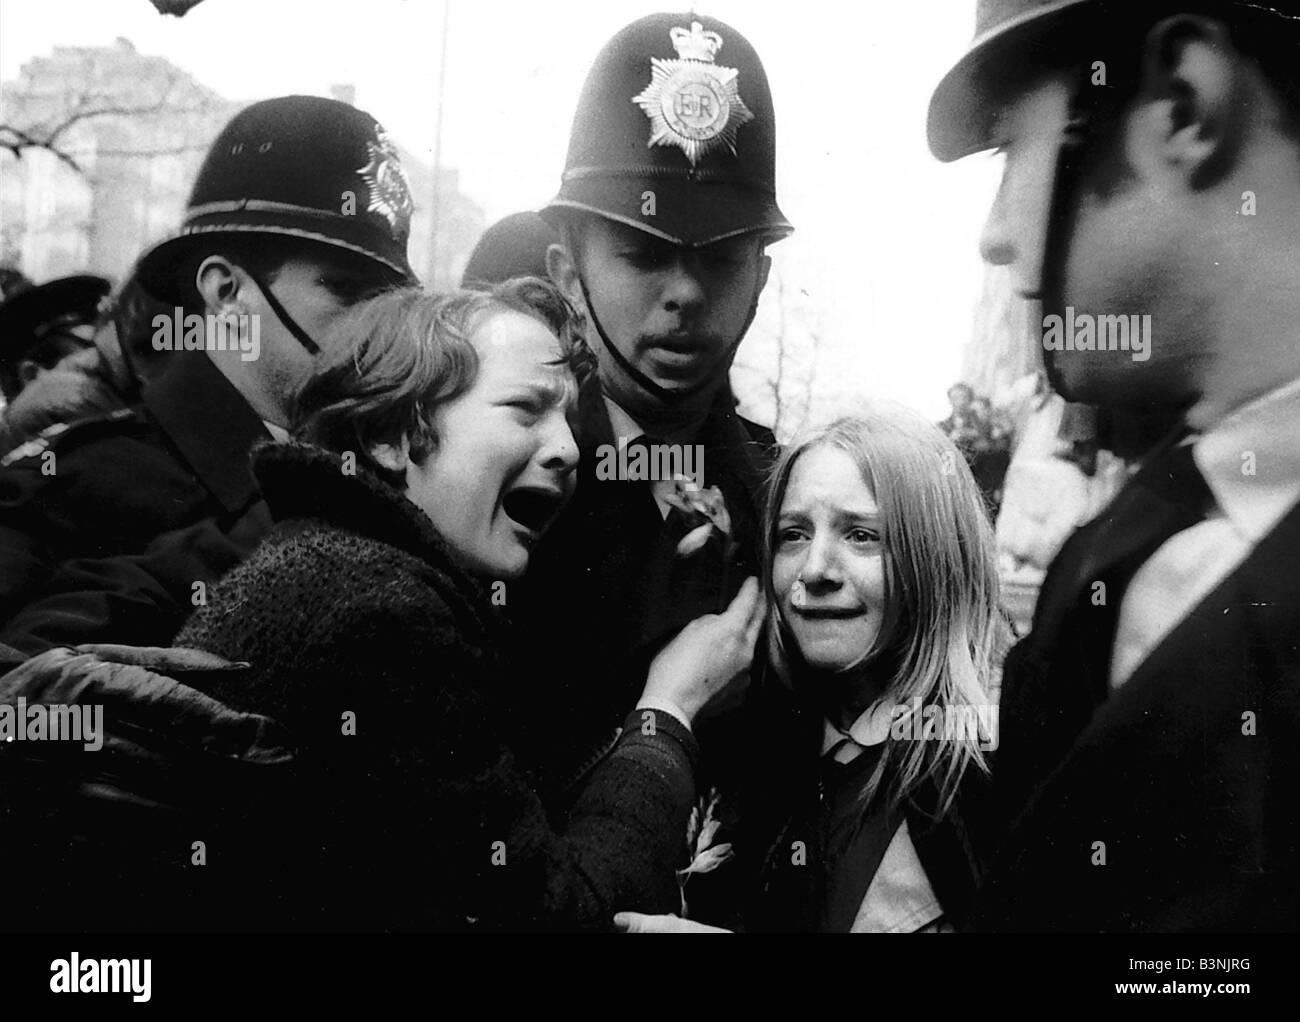 Sconvolto i fan dei Beatles piange perché Paul McCartney si sono sposati sono portato via dalla polizia Marzo 1969 Foto Stock